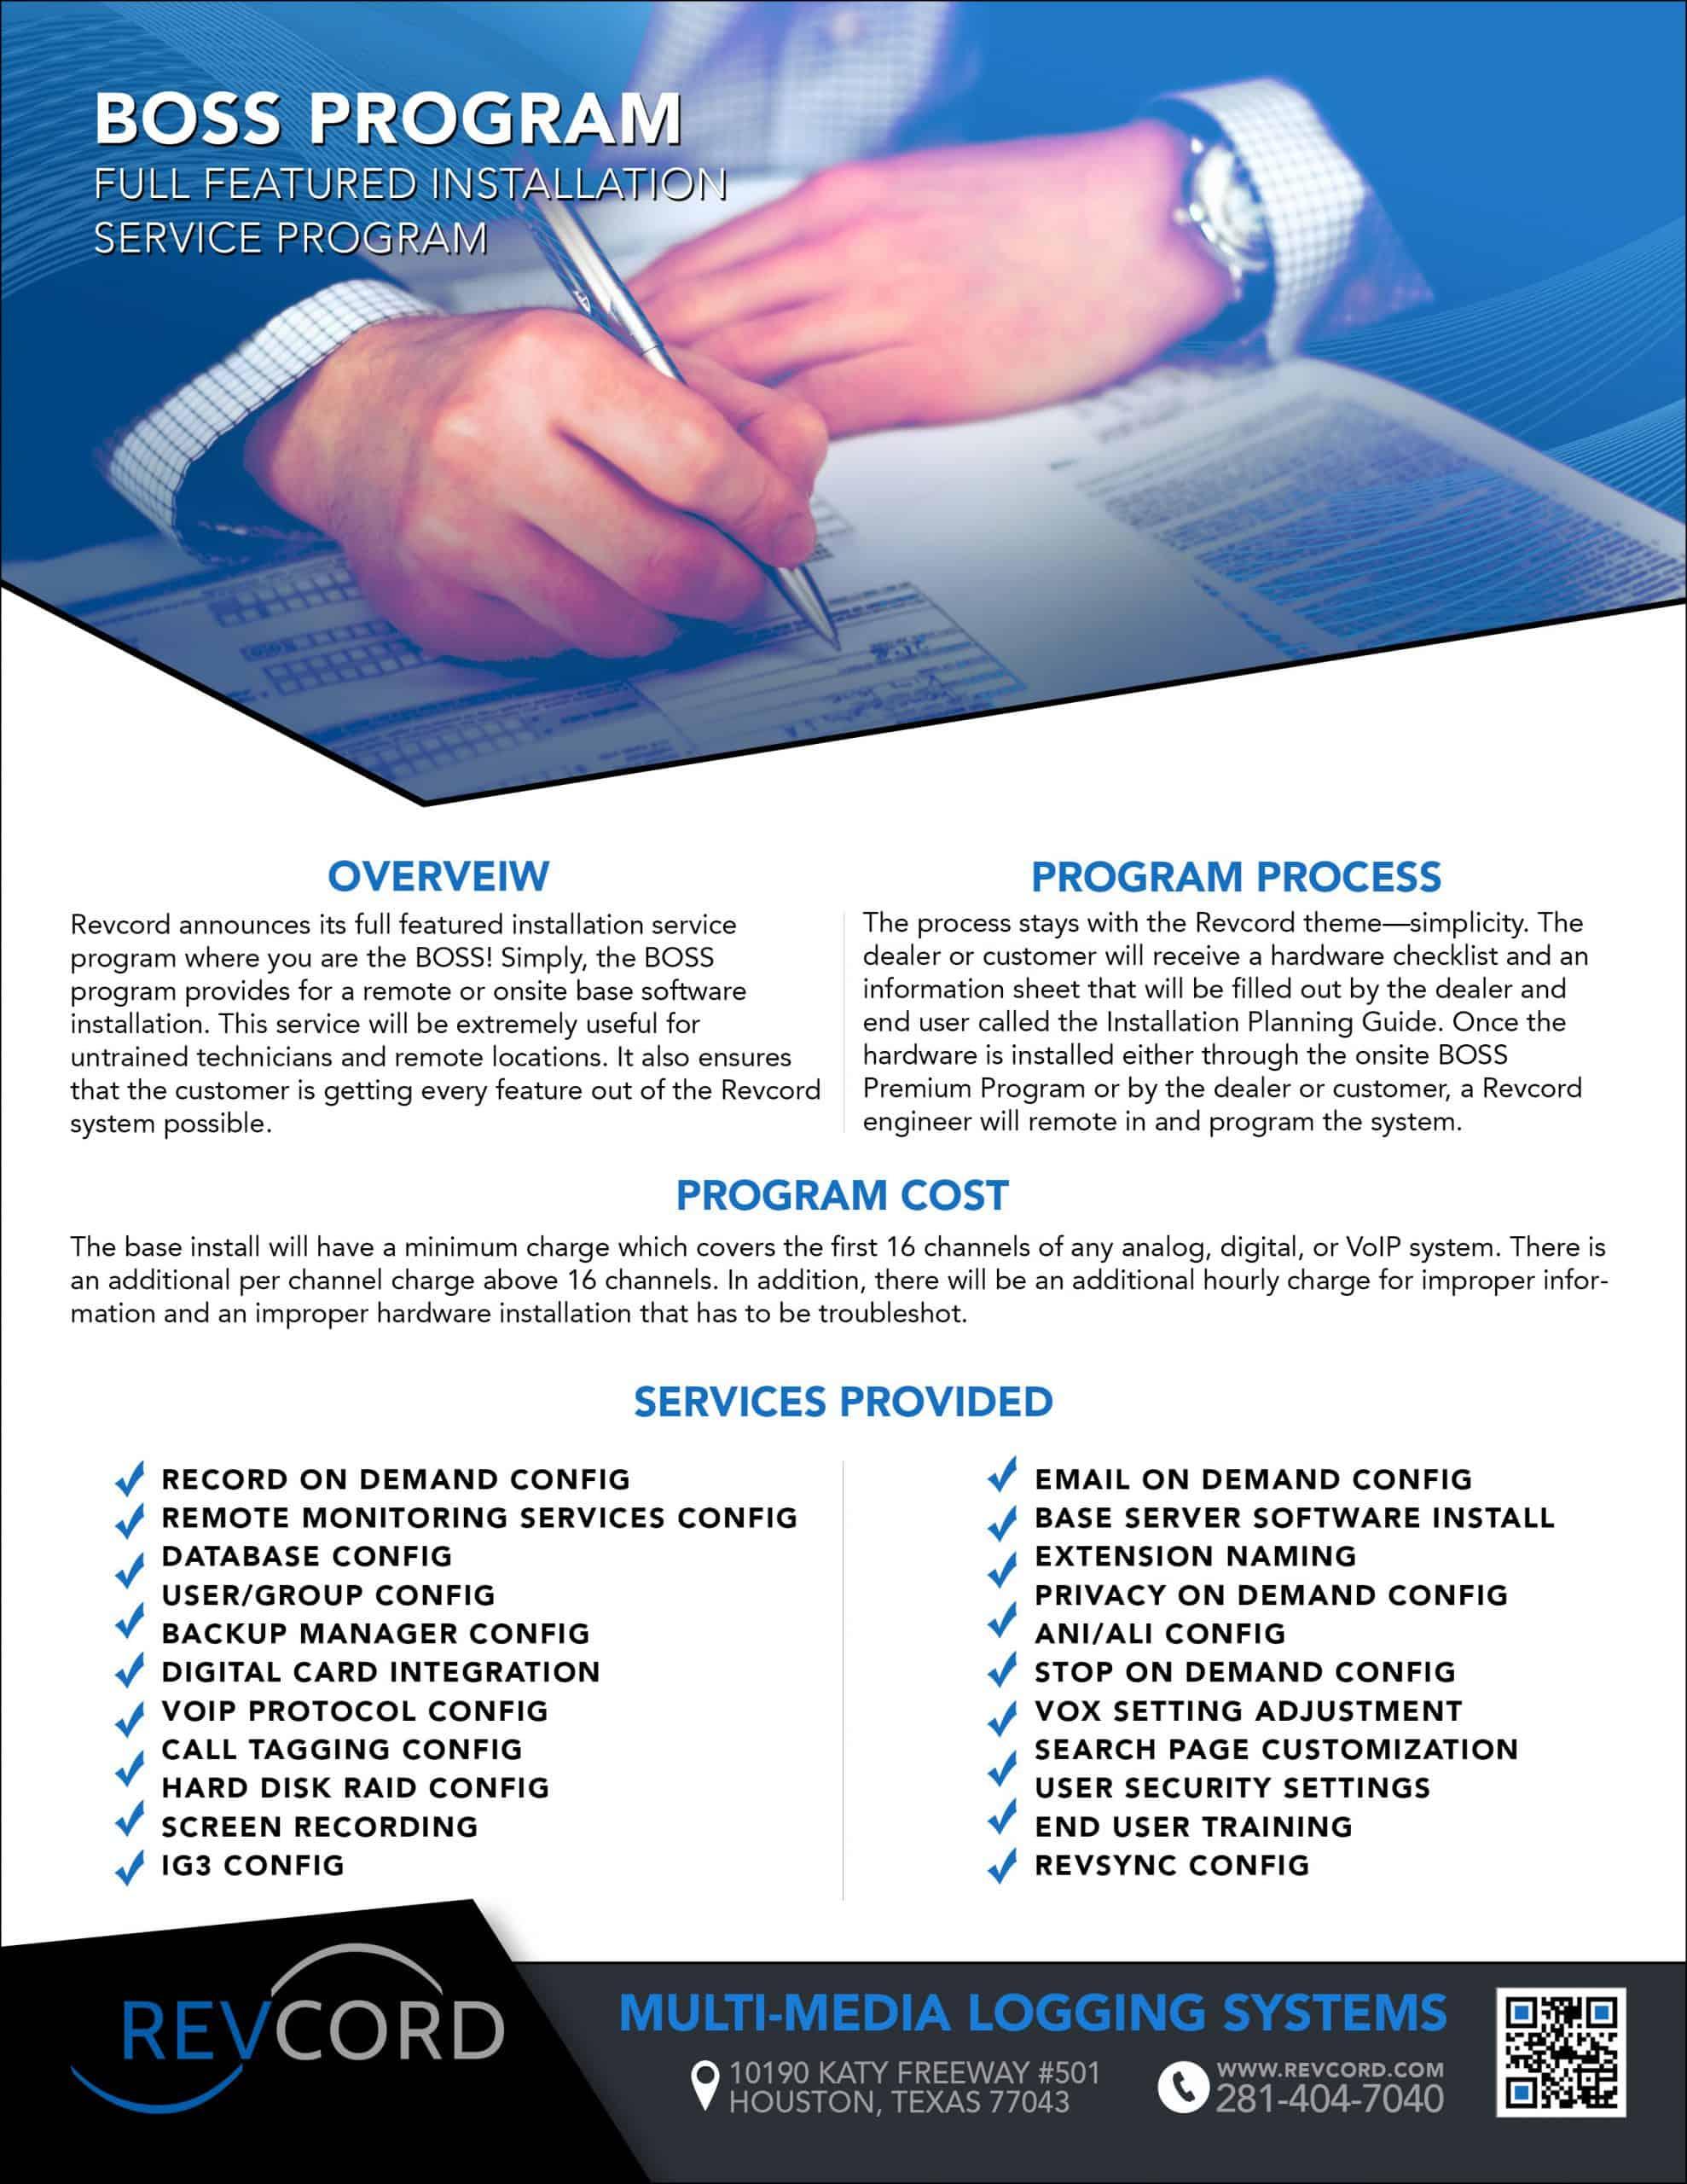 BOSS Program